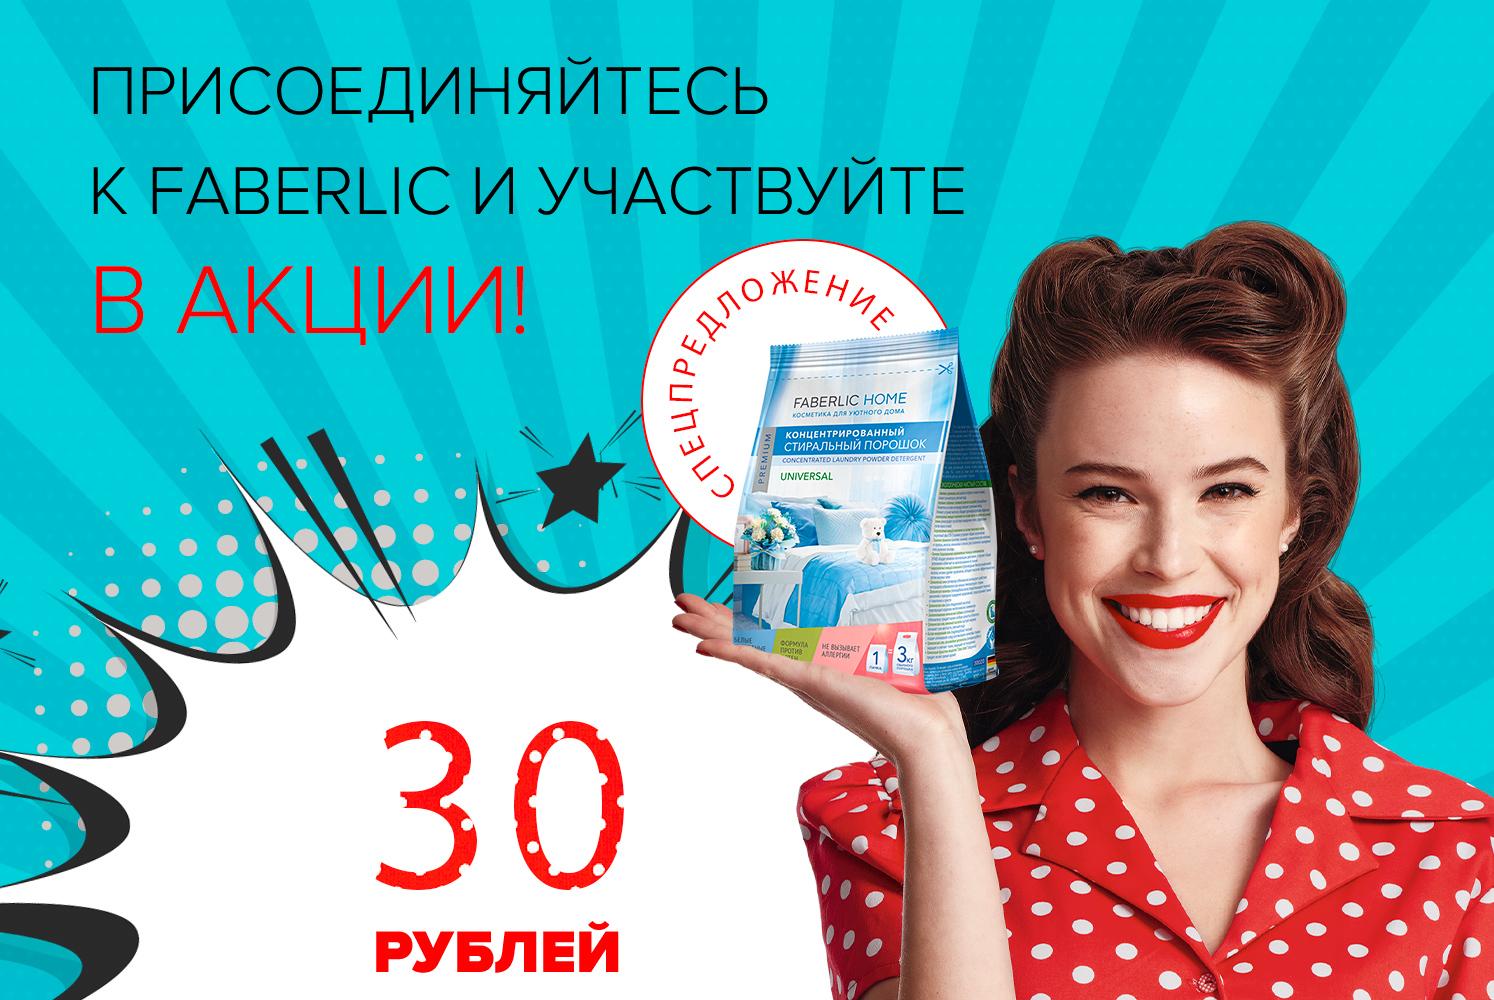 Фаберлик 30 рублей в подарок